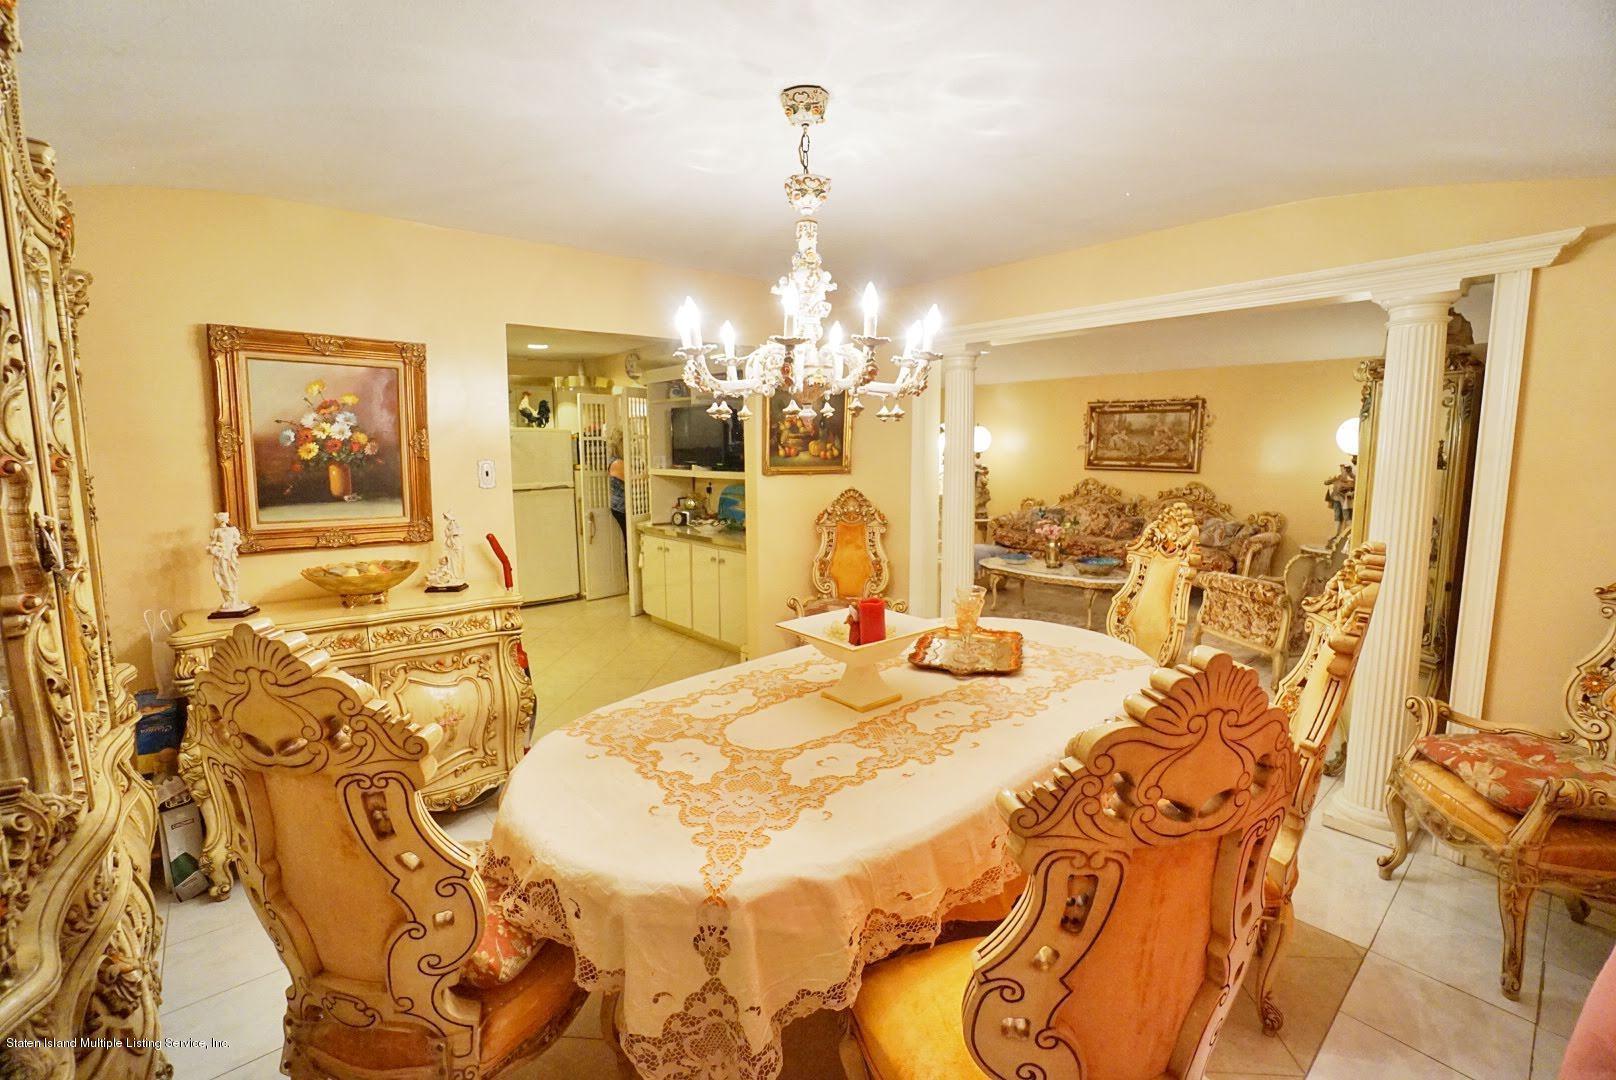 Single Family - Detached 81 Ramapo Avenue  Staten Island, NY 10309, MLS-1132028-14